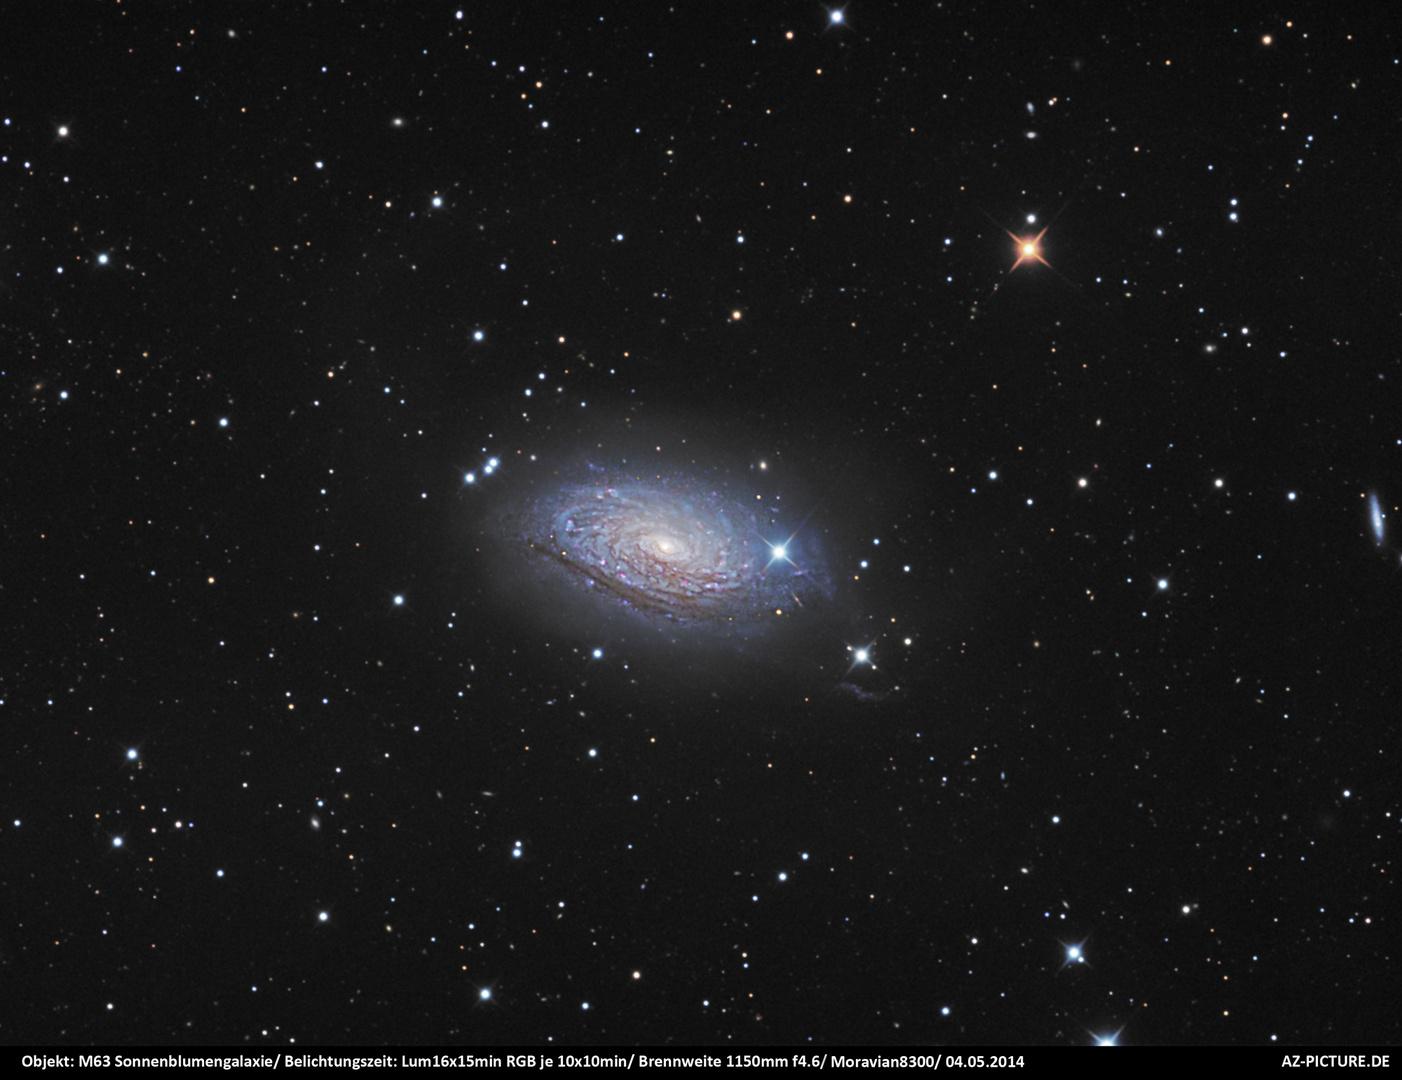 M63 Sonnenblumengalaxie